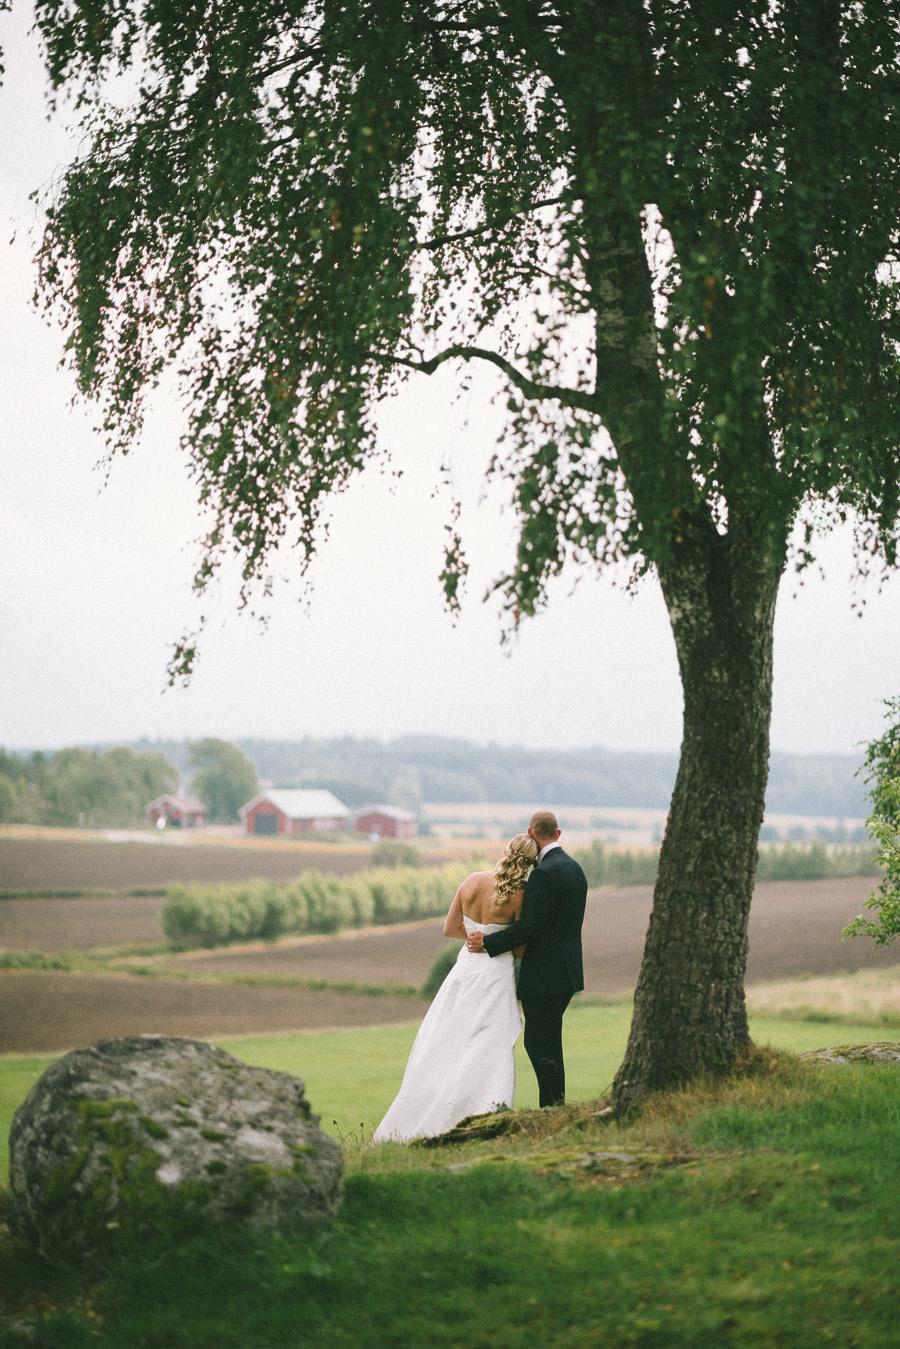 Bröllop Gråbo. Brudparet och utsikt.